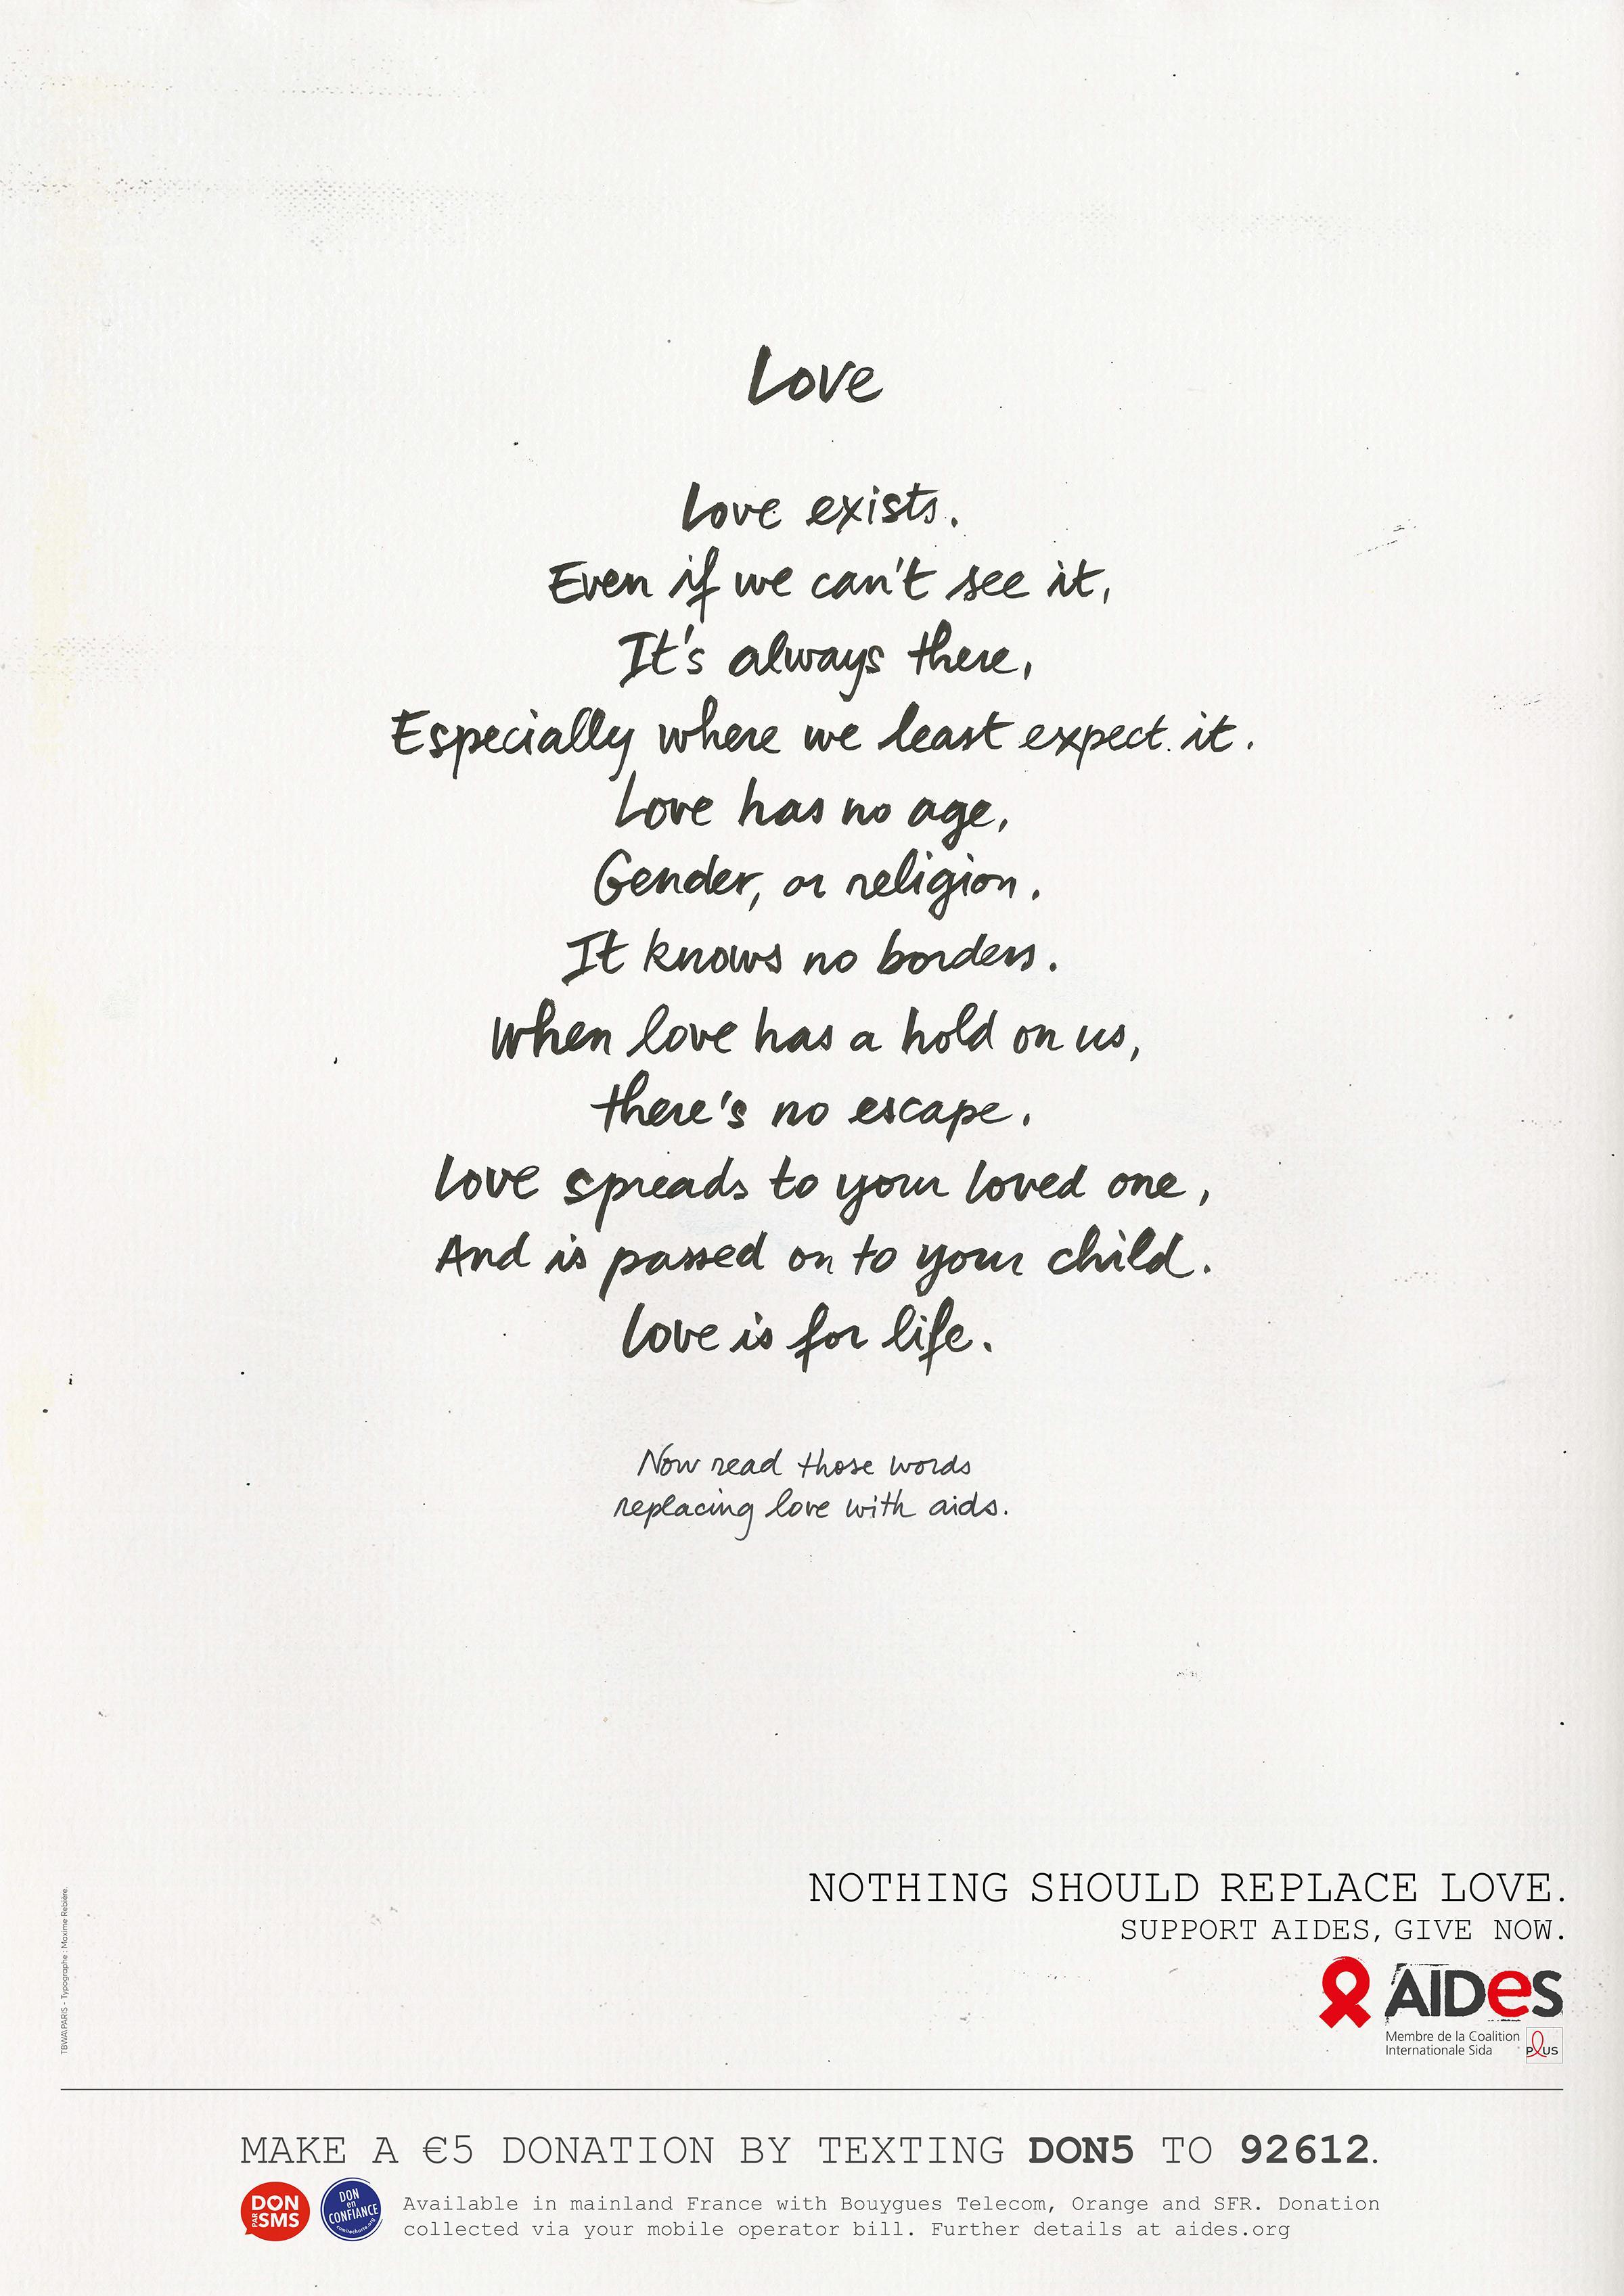 Aides Print Ad - Love